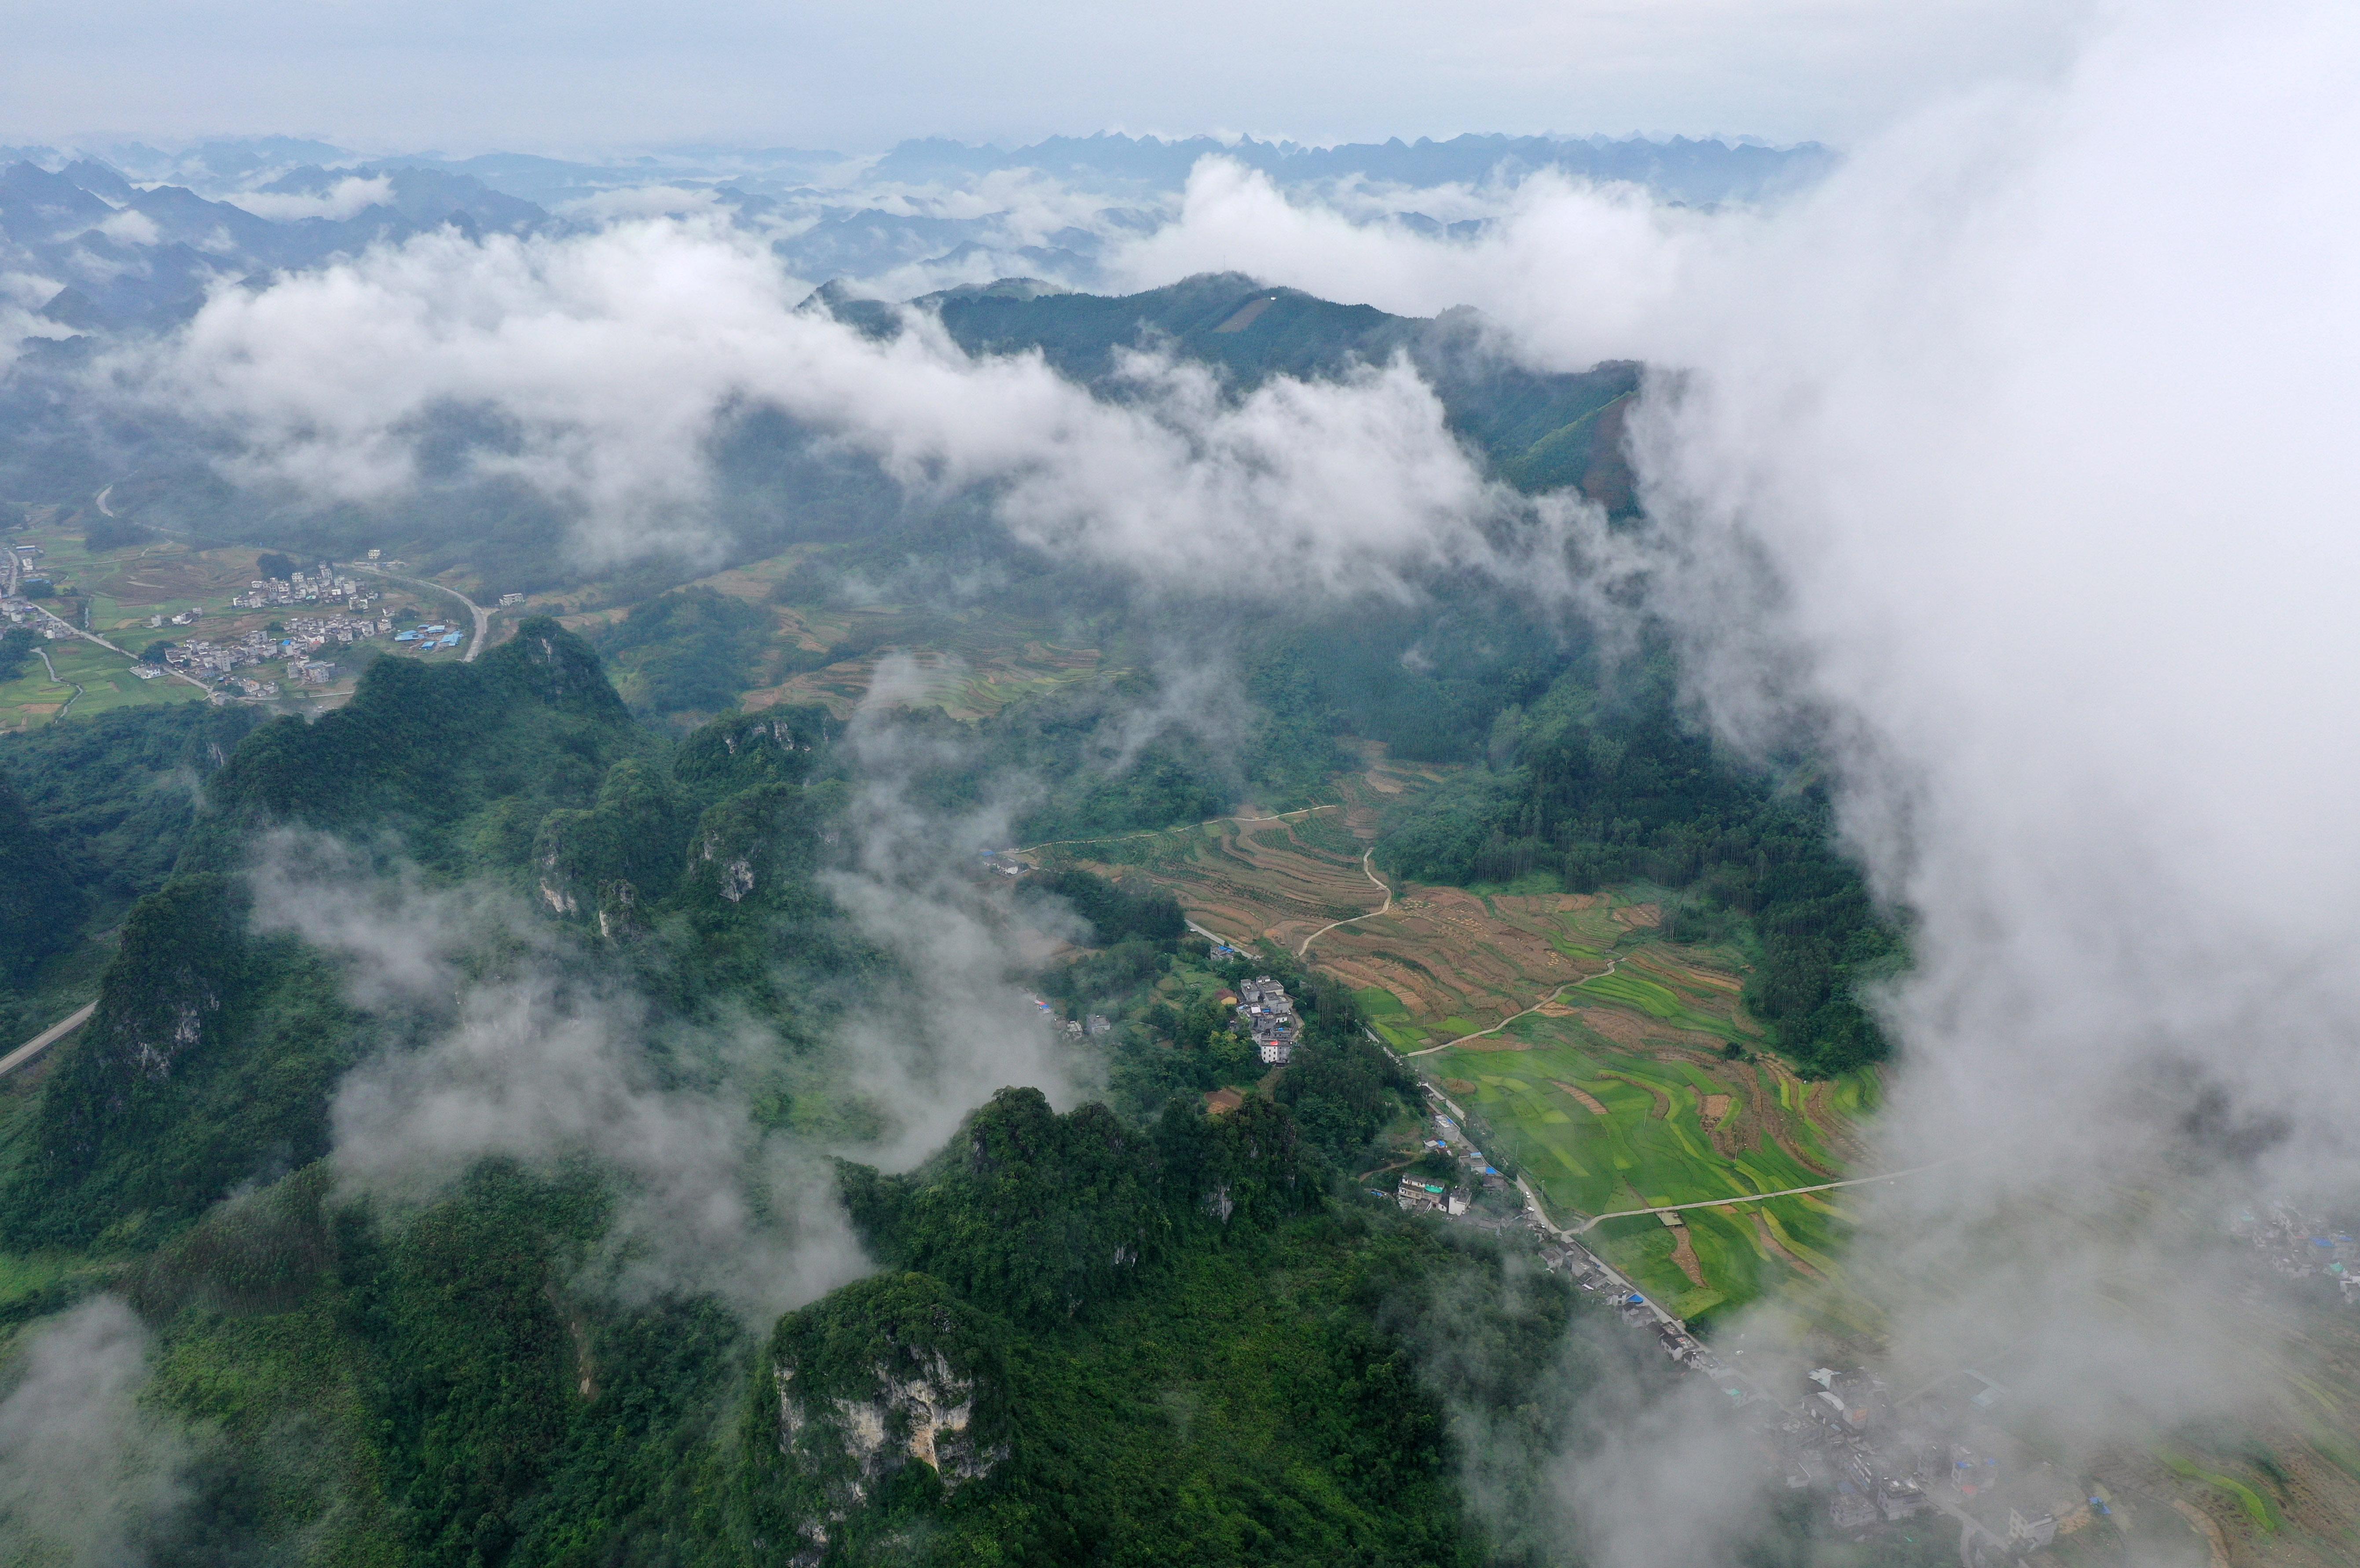 这是7月24日无人机拍摄的广西都安瑶族自治县下坳镇云雾缭绕的风景。     当日,在广西都安瑶族自治县下坳镇,云雾缭绕于群山大地之间,充满诗情画意。     新华社记者 陆波岸 摄